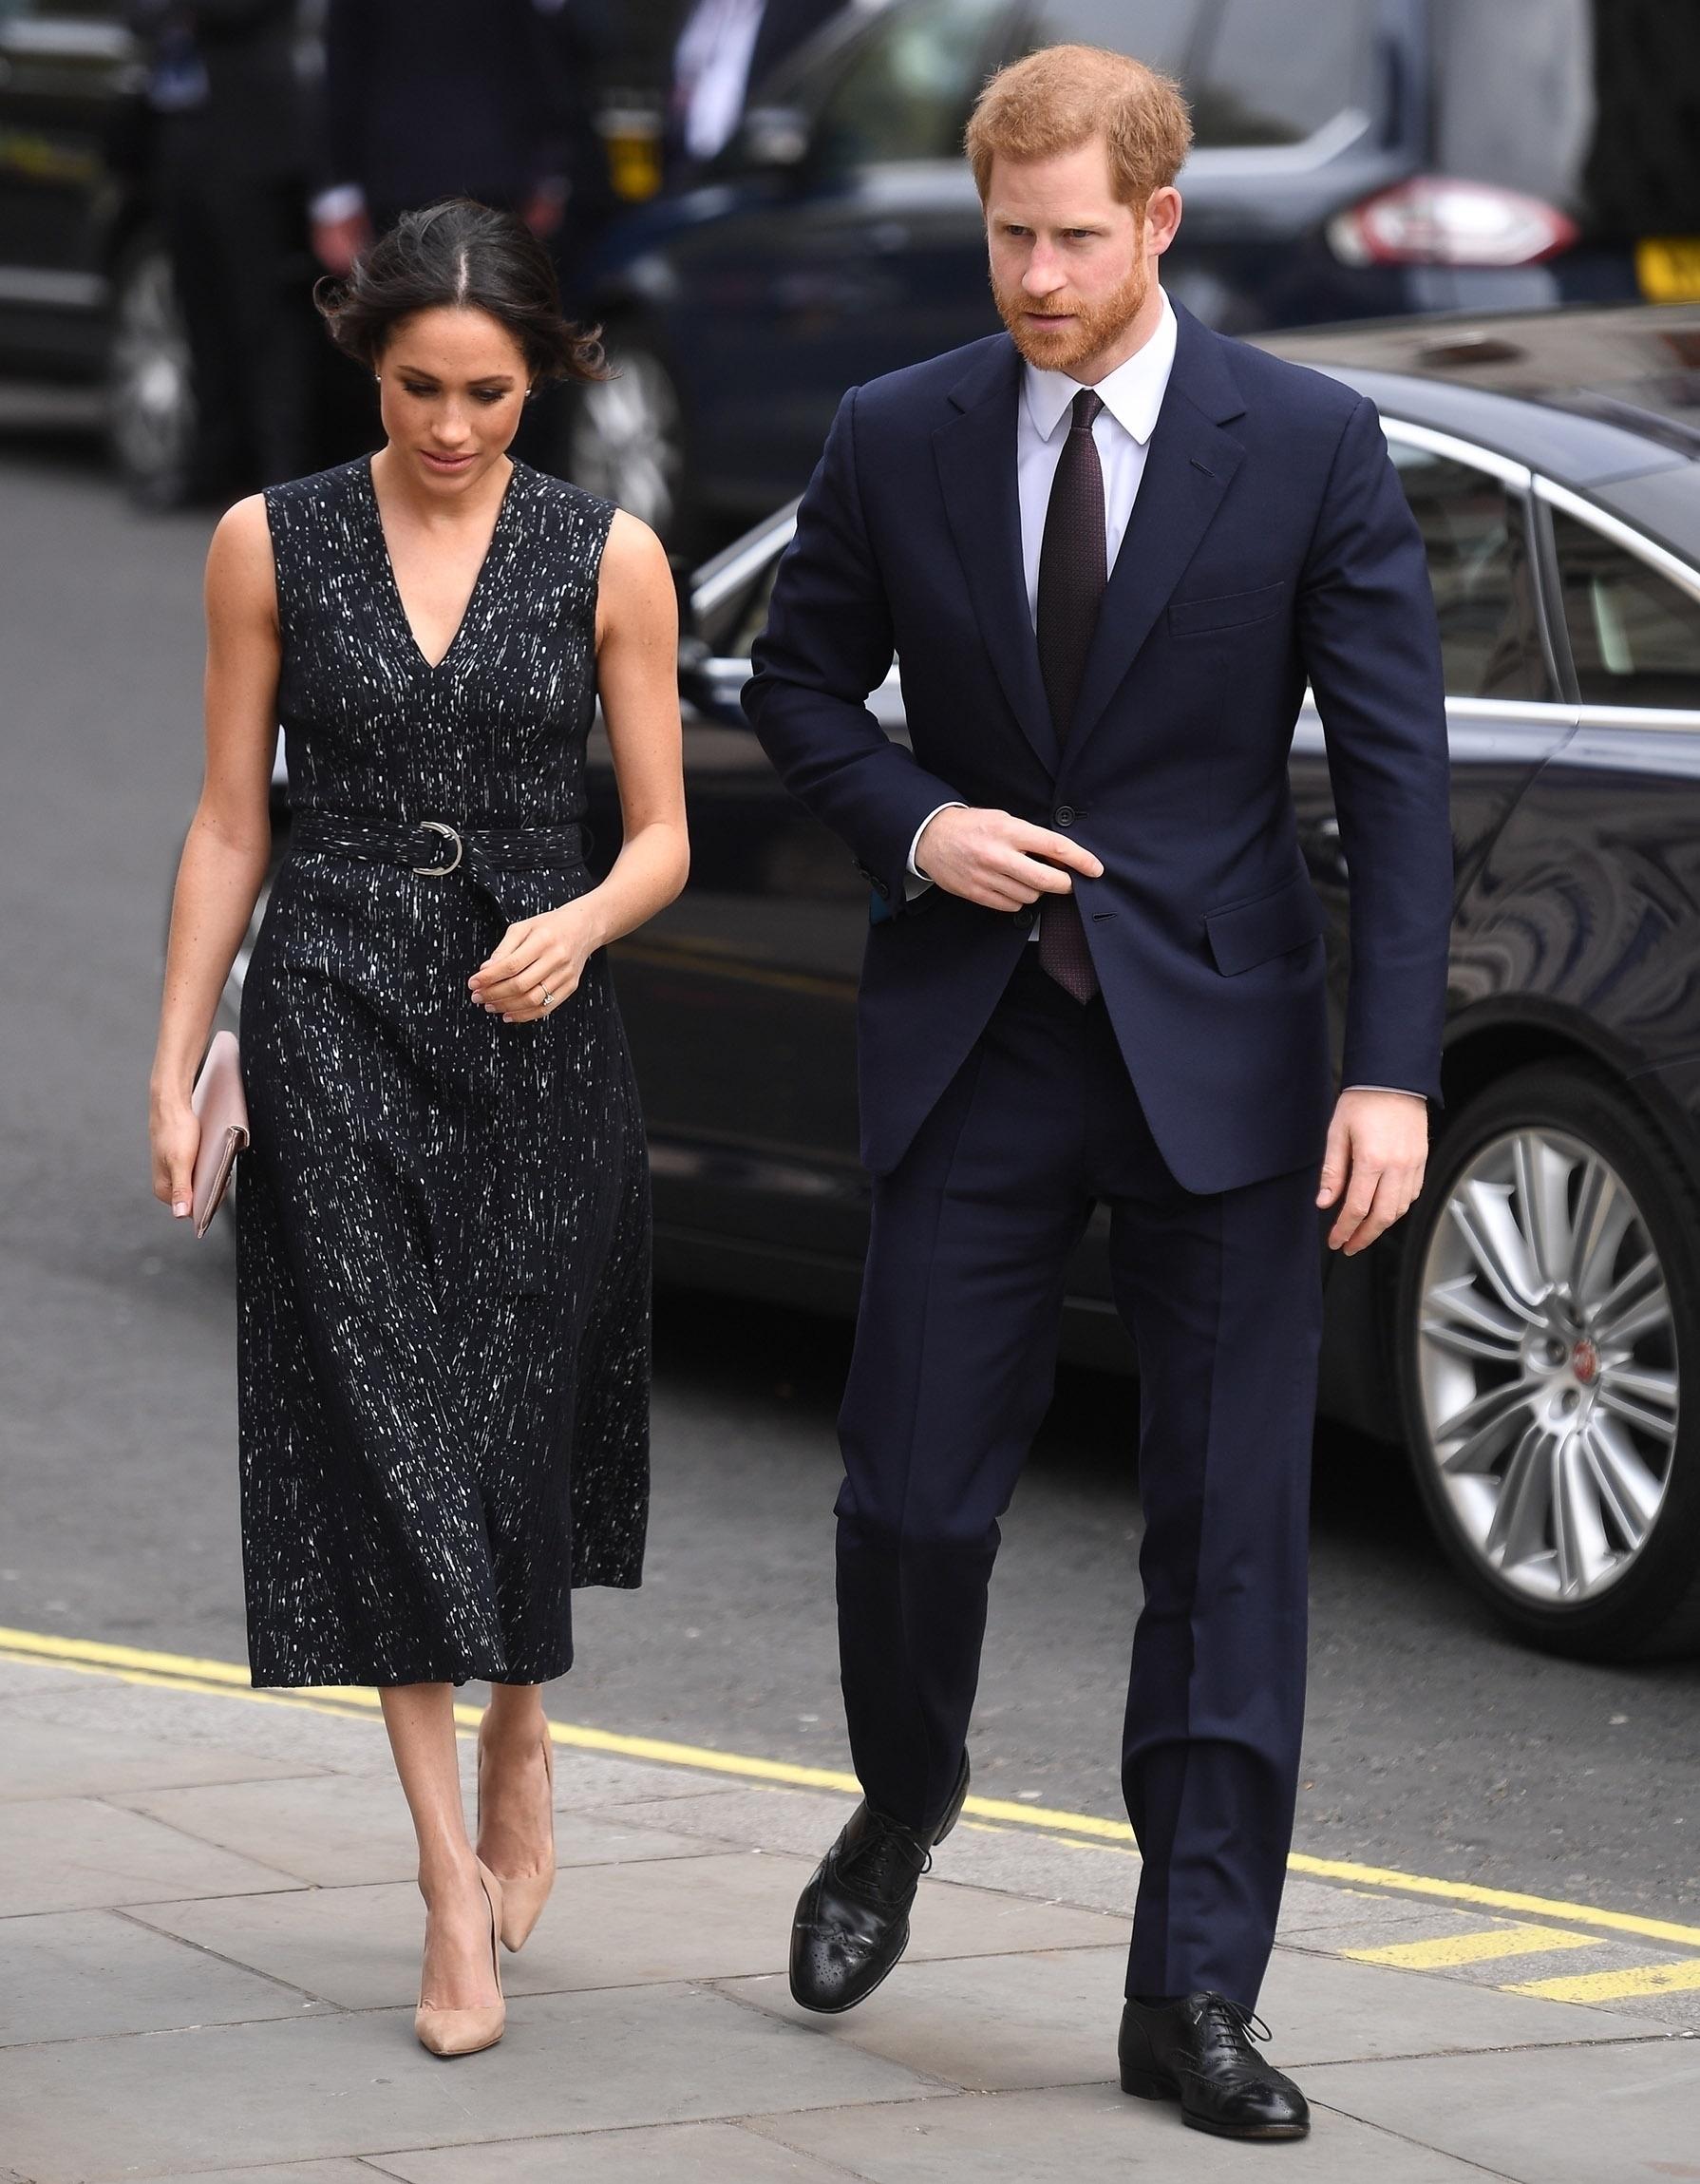 Ślub Meghan i księcia Harry'ego ODWOŁANY?!